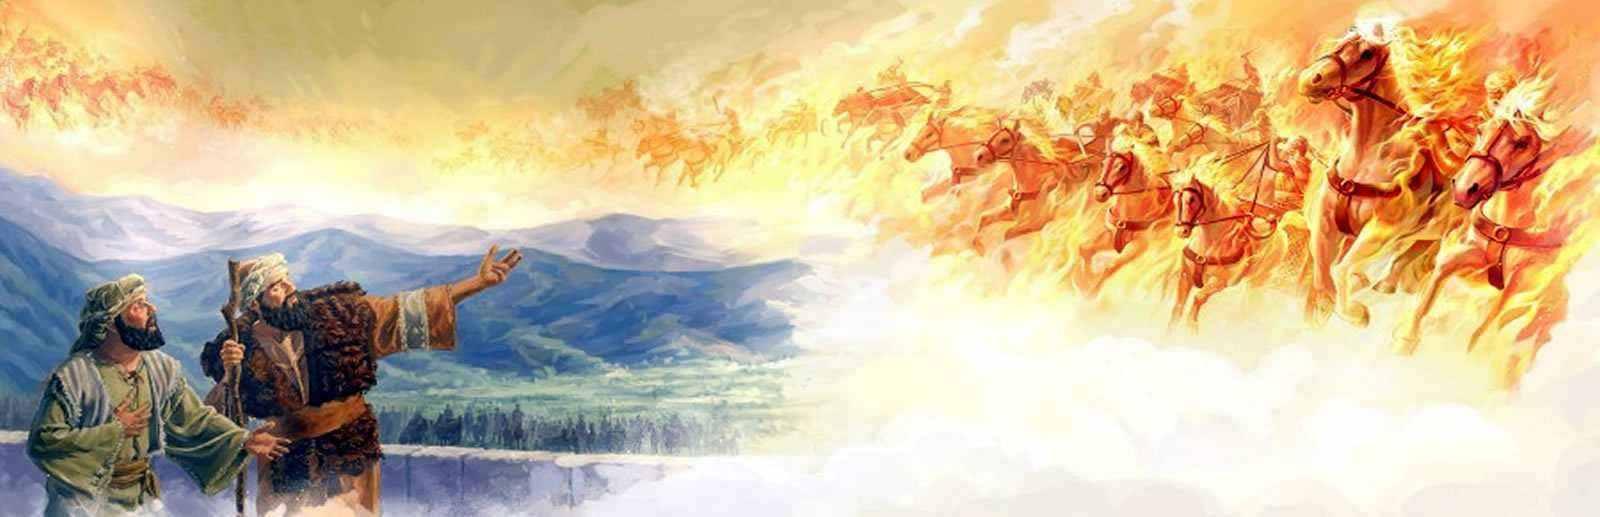 Пророк Елисей и воинство небесное против войска сирийского царств ветхий завет библия